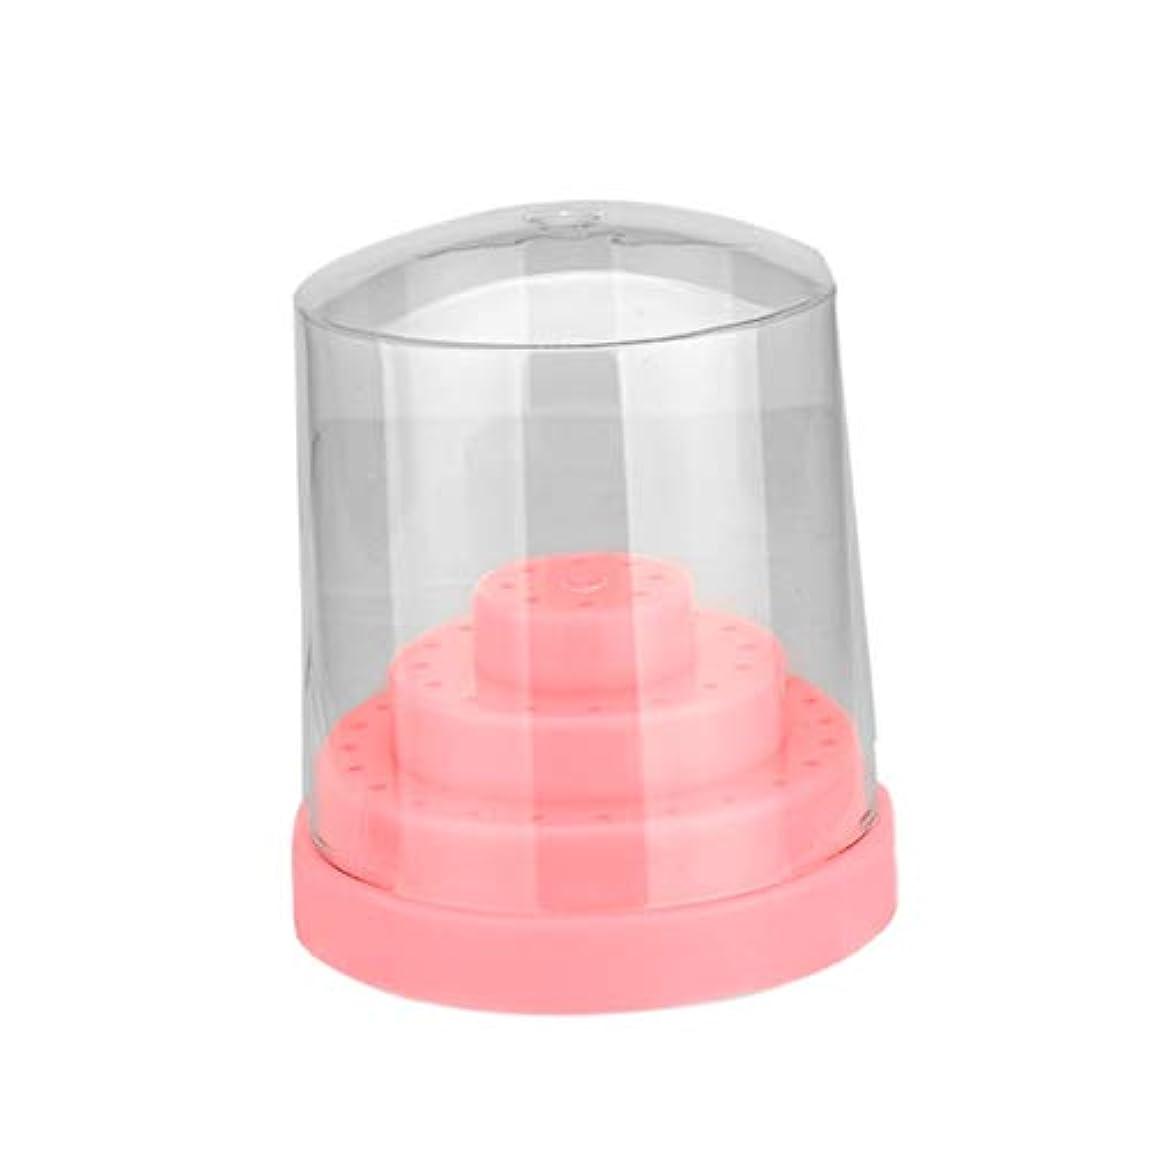 関係するスチールプロポーショナルSM SunniMix ネイルドリルビット ホルダー ネイル研磨ビット オーガナイザー コンテナ スタンド 収納ボックス 全2カラー - ピンク